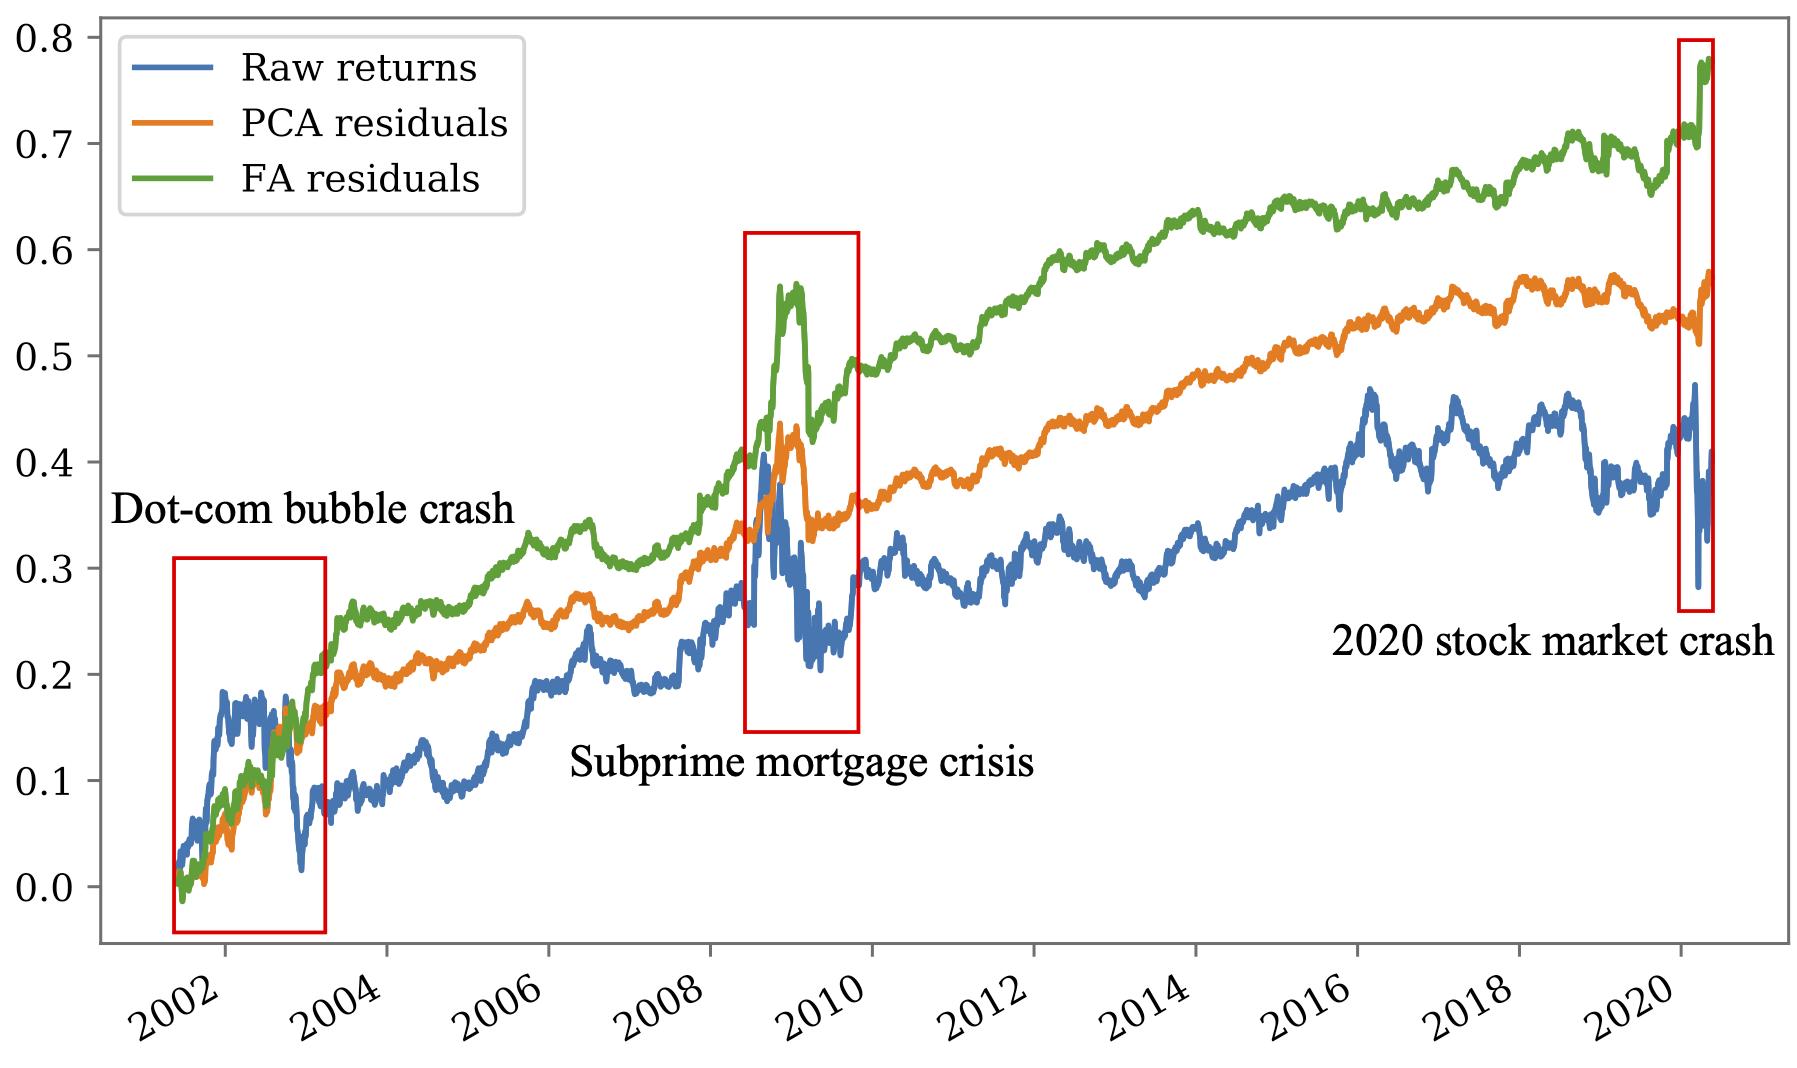 残差項の上でリバーサル戦略で取引したときの利益の変化